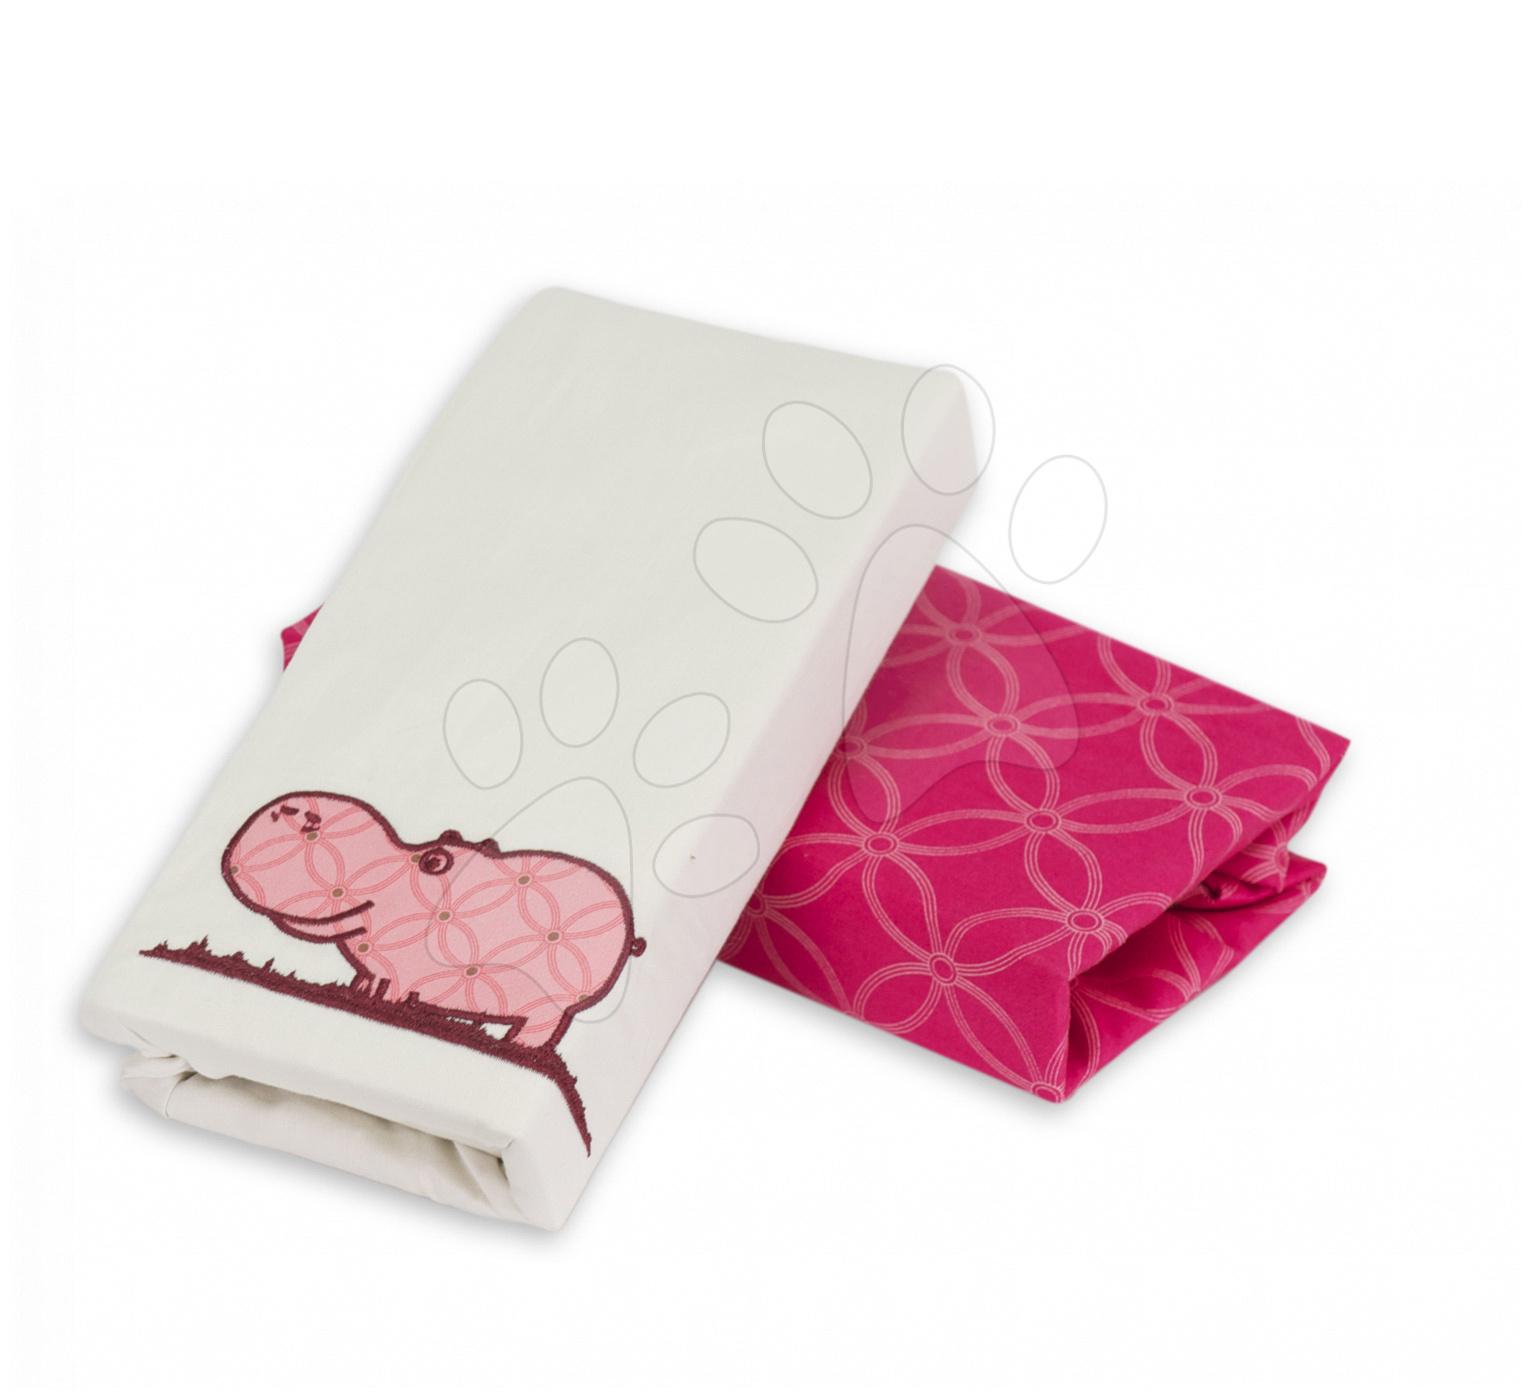 Napínacie prestieradlo do postieľky Joy toTs-smarTrike hroch 2 kusy 100% bavlnený satén ružové od 0 mesiacov